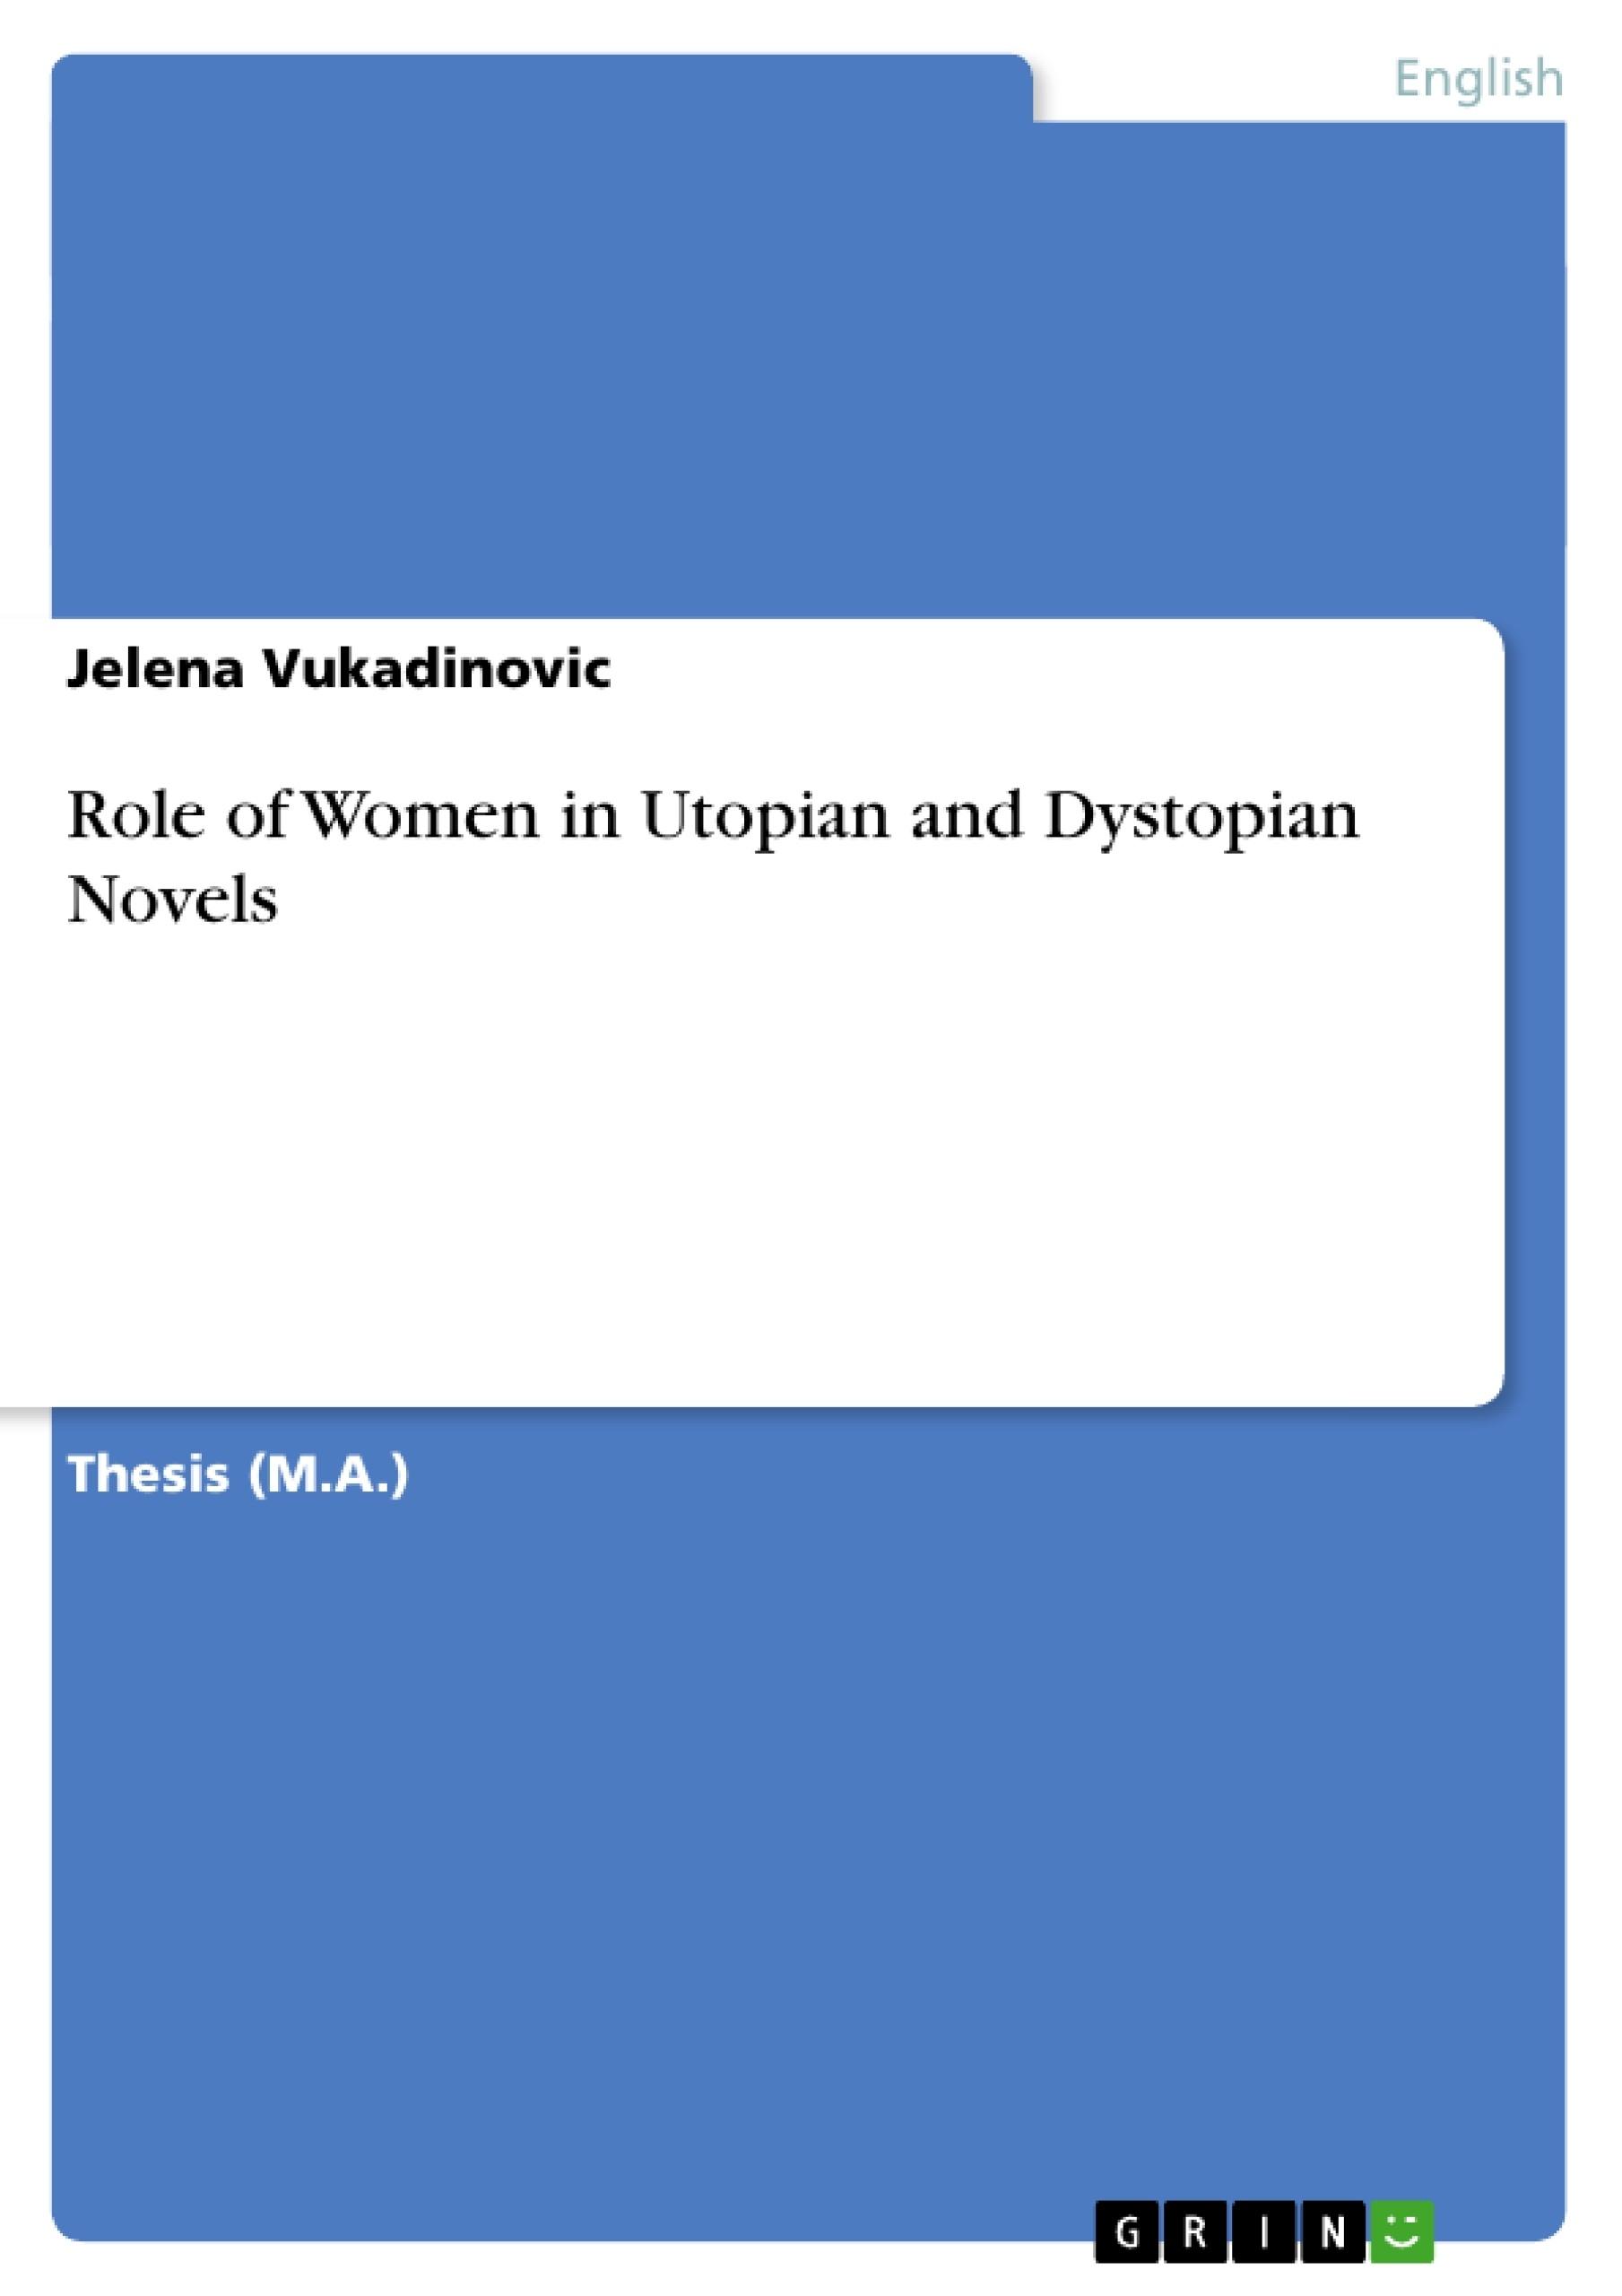 Title: Role of Women in Utopian and Dystopian Novels